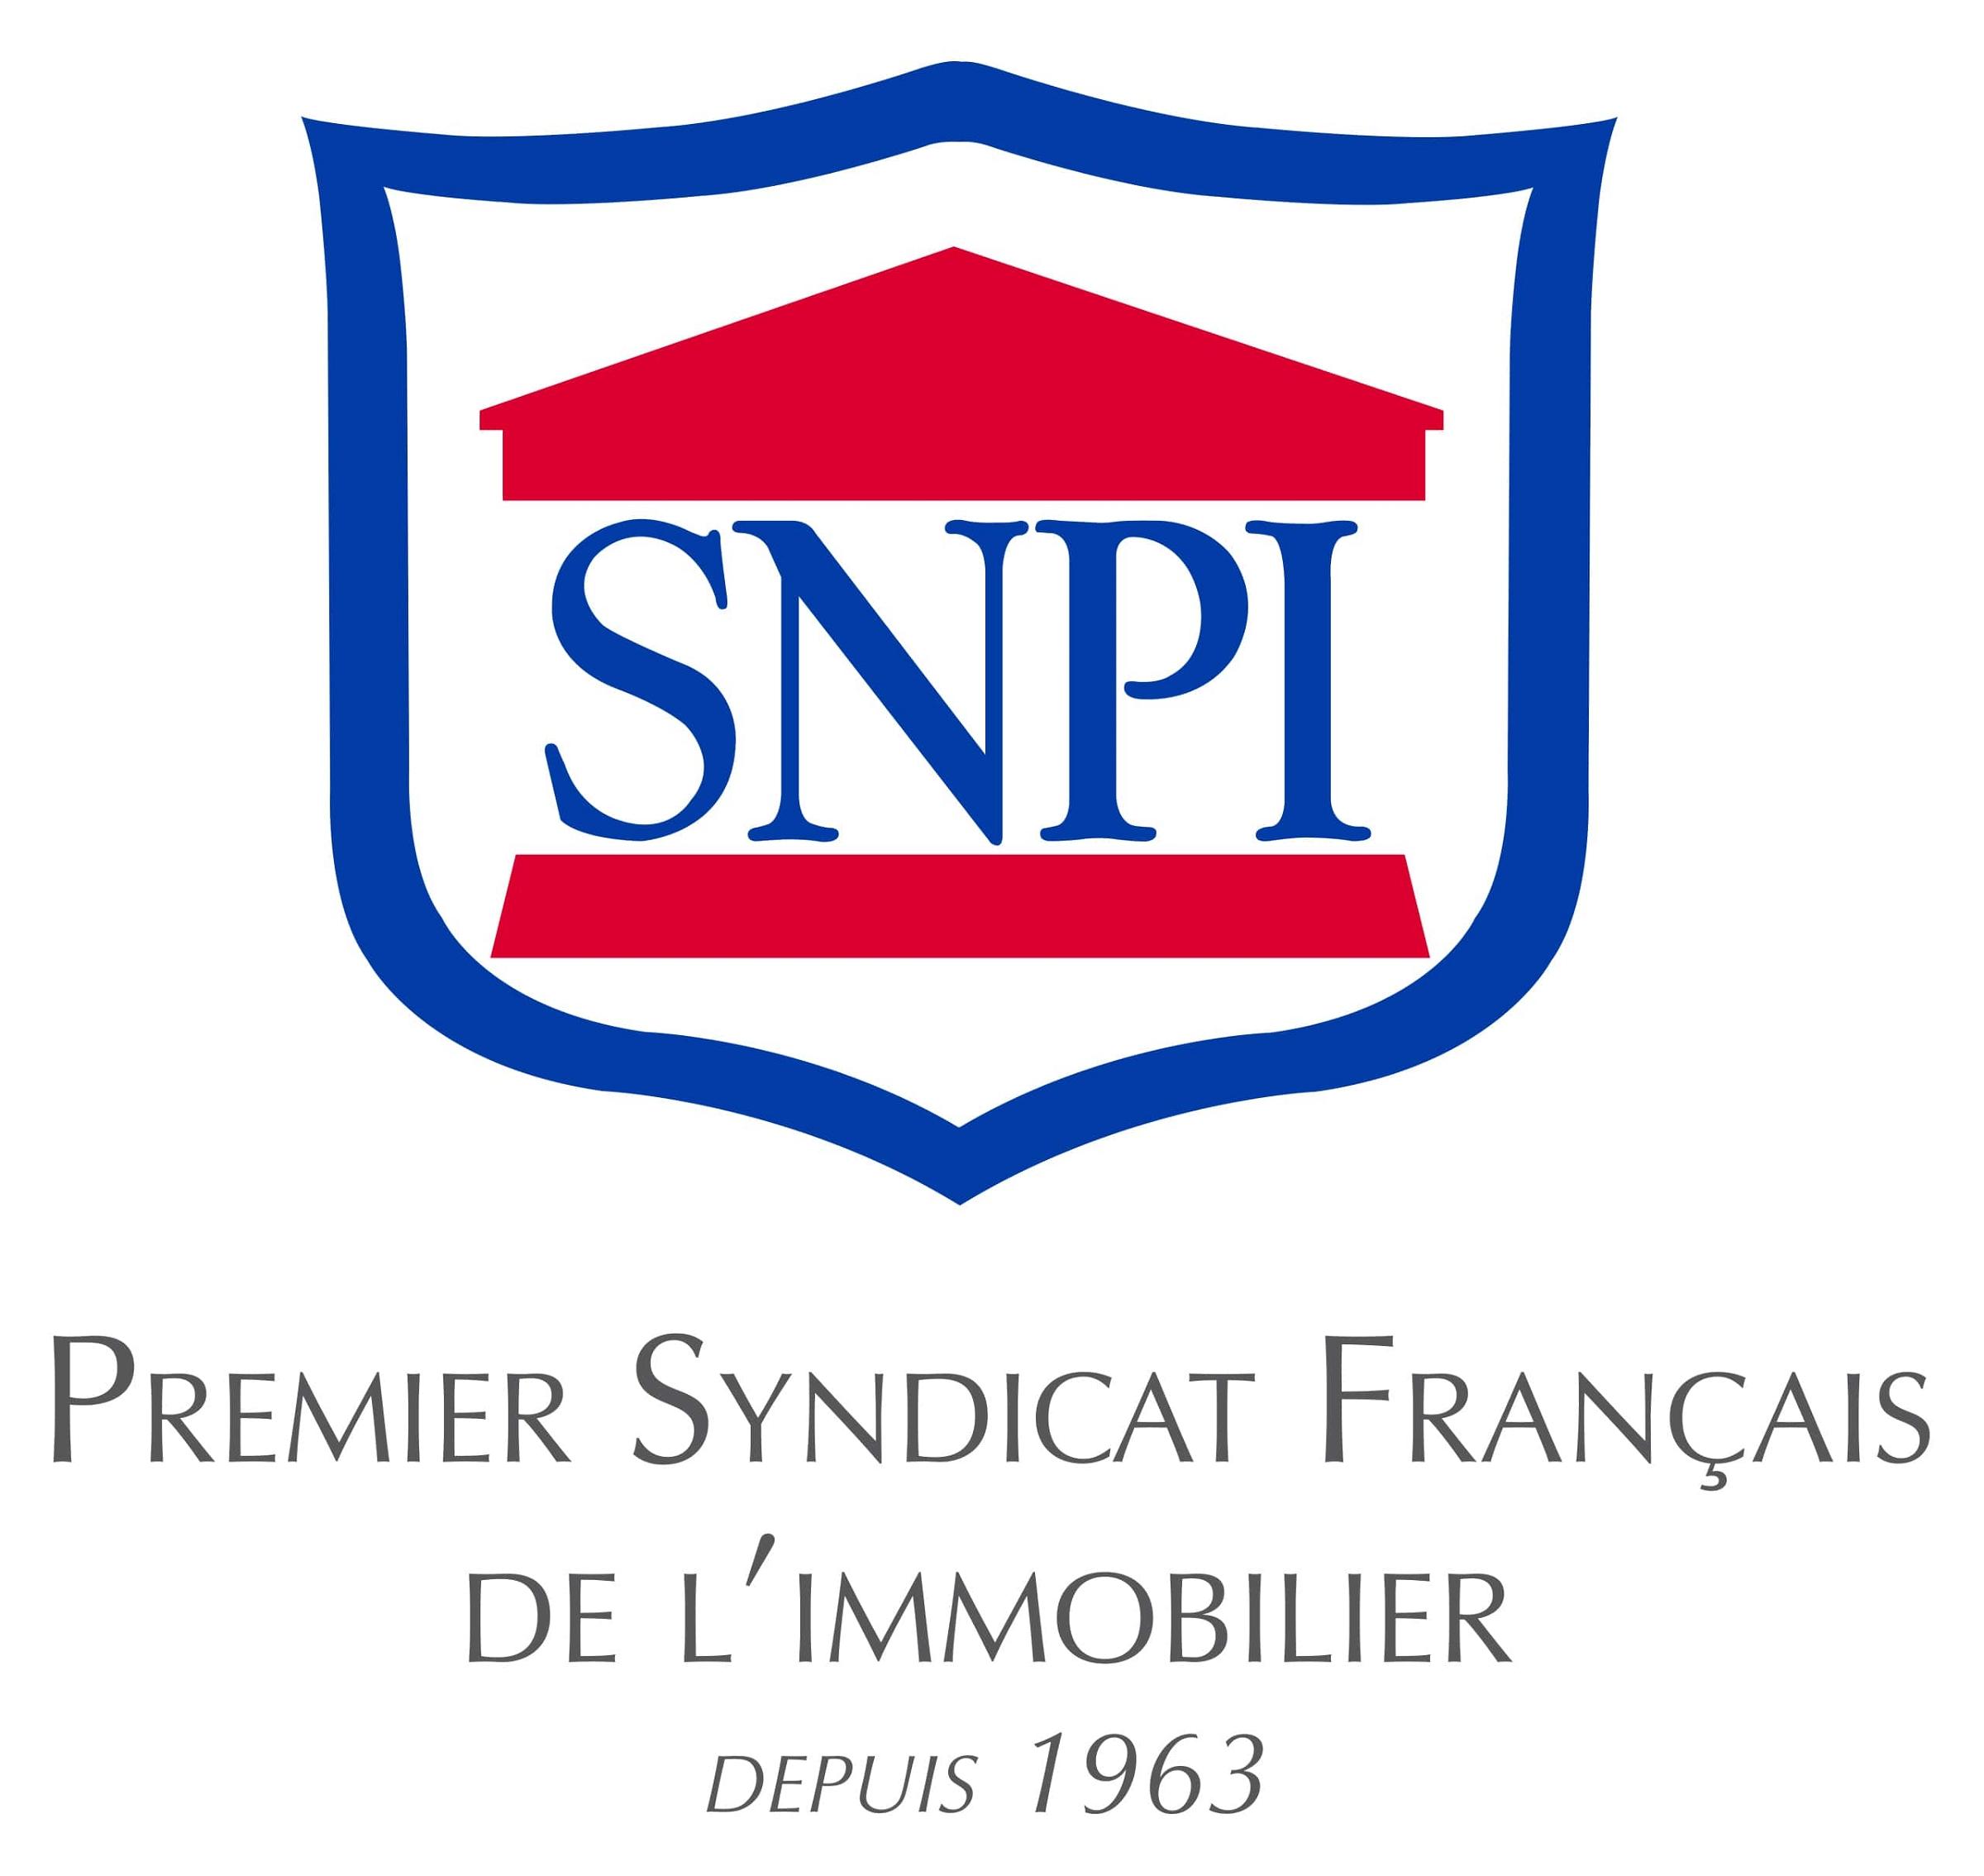 ilek, partenaire énergie exclusif du SNPI